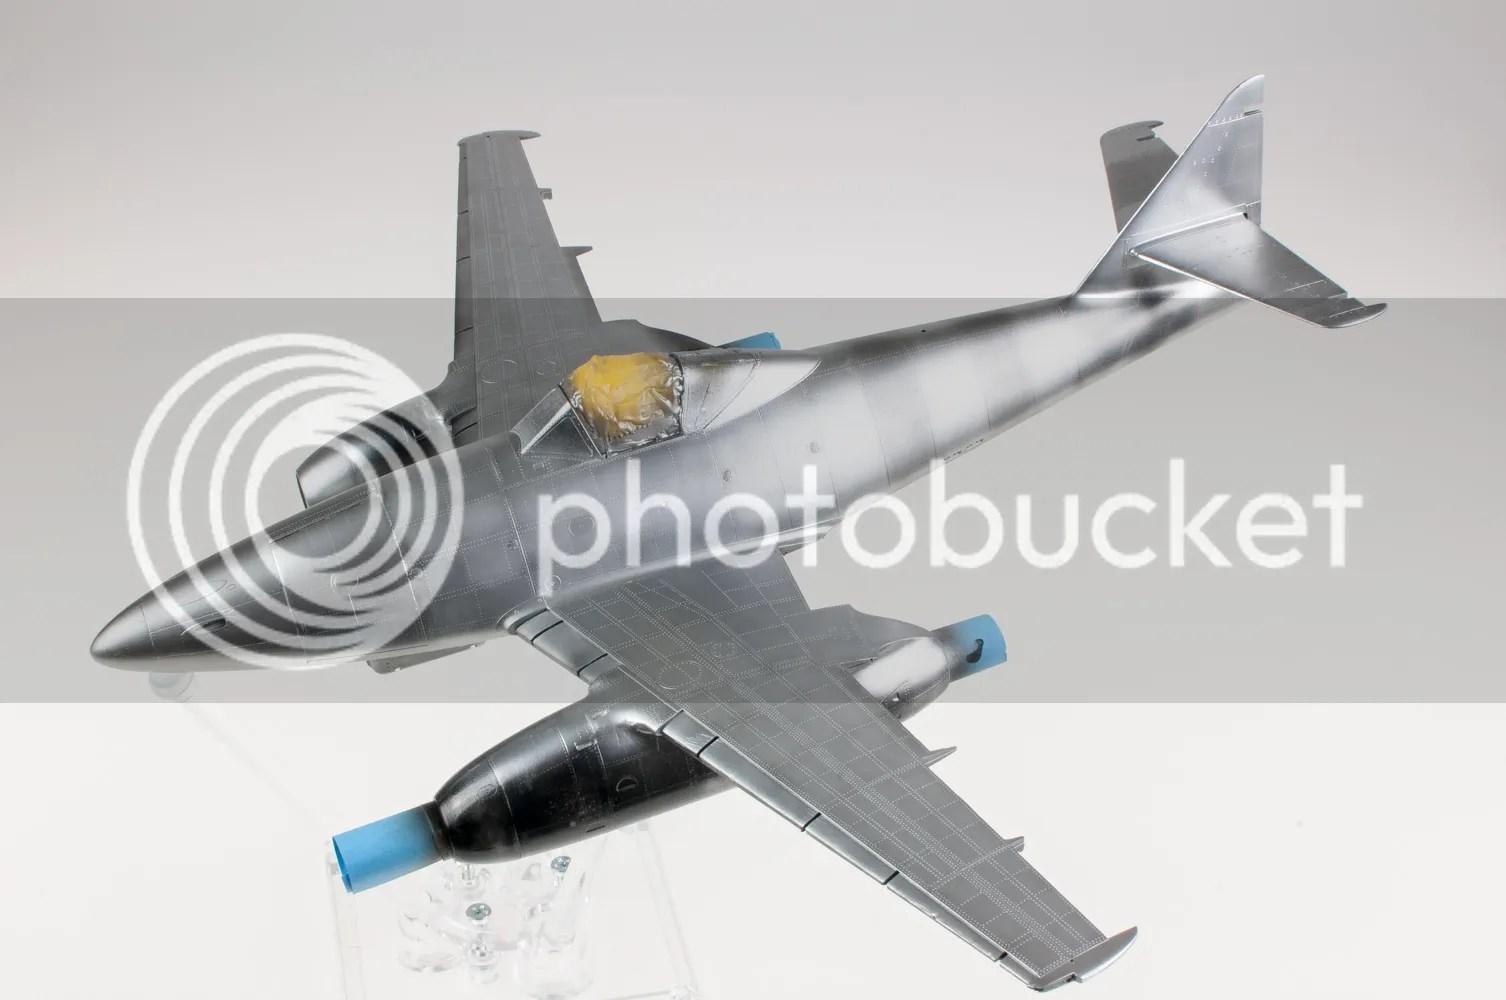 01_15_14 Me 262A-2a-3 photo 01_15_14Me262A-2a-3_zpsc8be692e.jpg